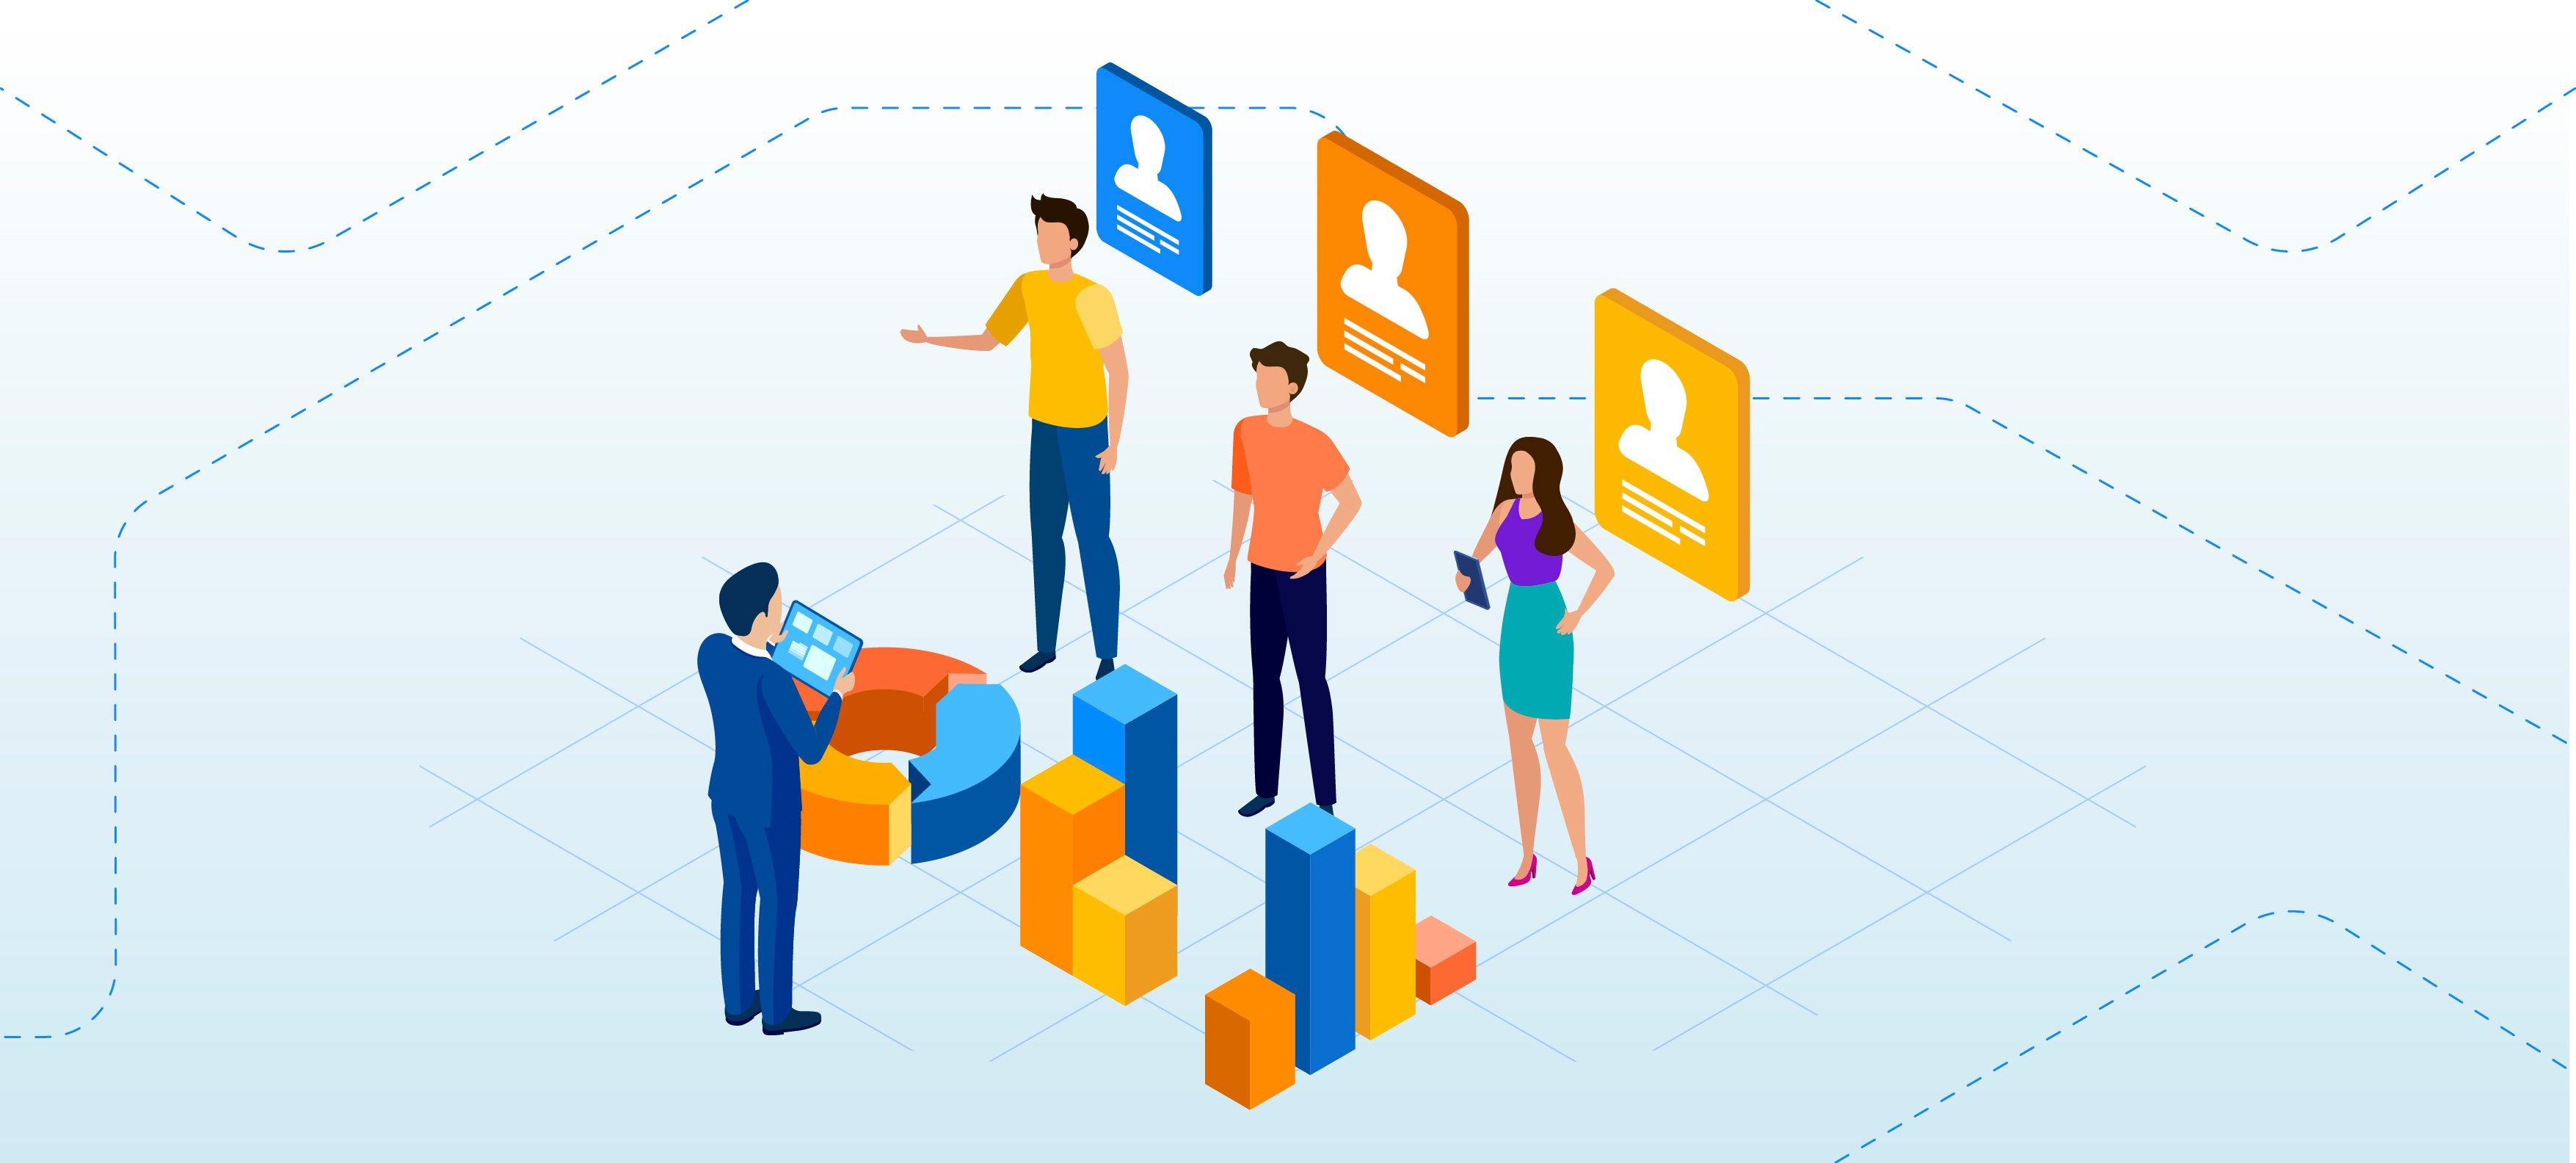 recursos-humanos-ventajas-tercerizar-seleccion-personal-3